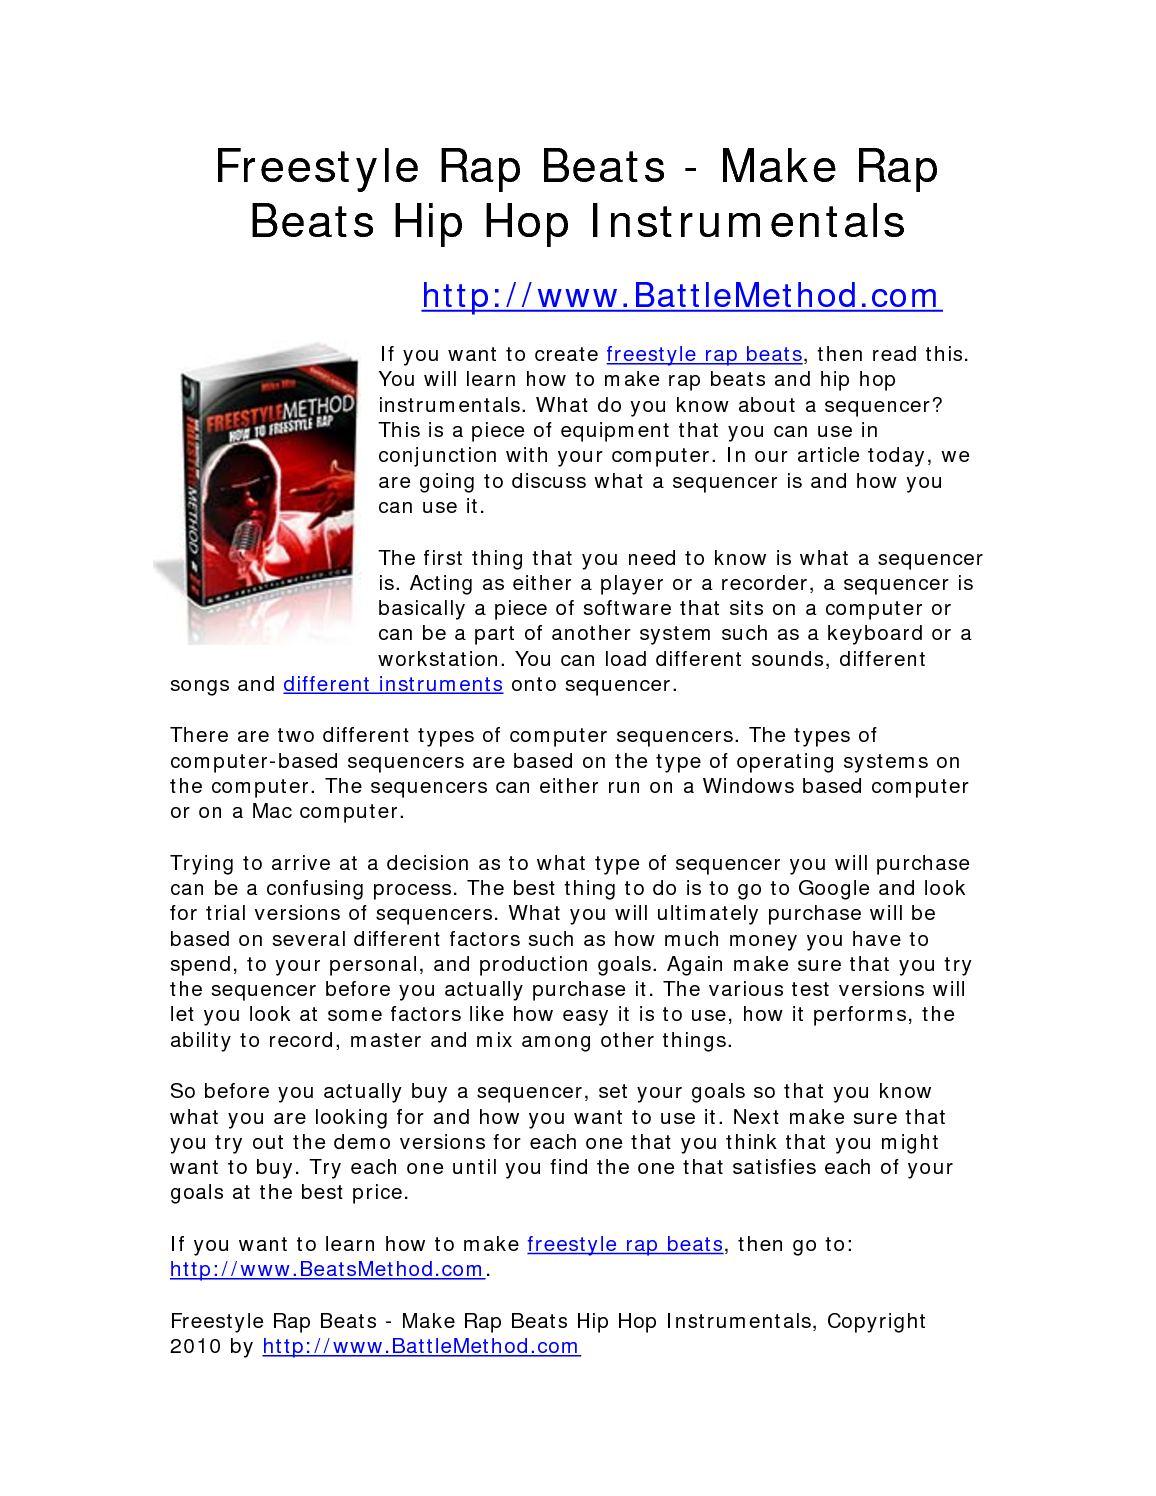 Calaméo - Freestyle Rap Beats - Make Rap Beats Hip Hop